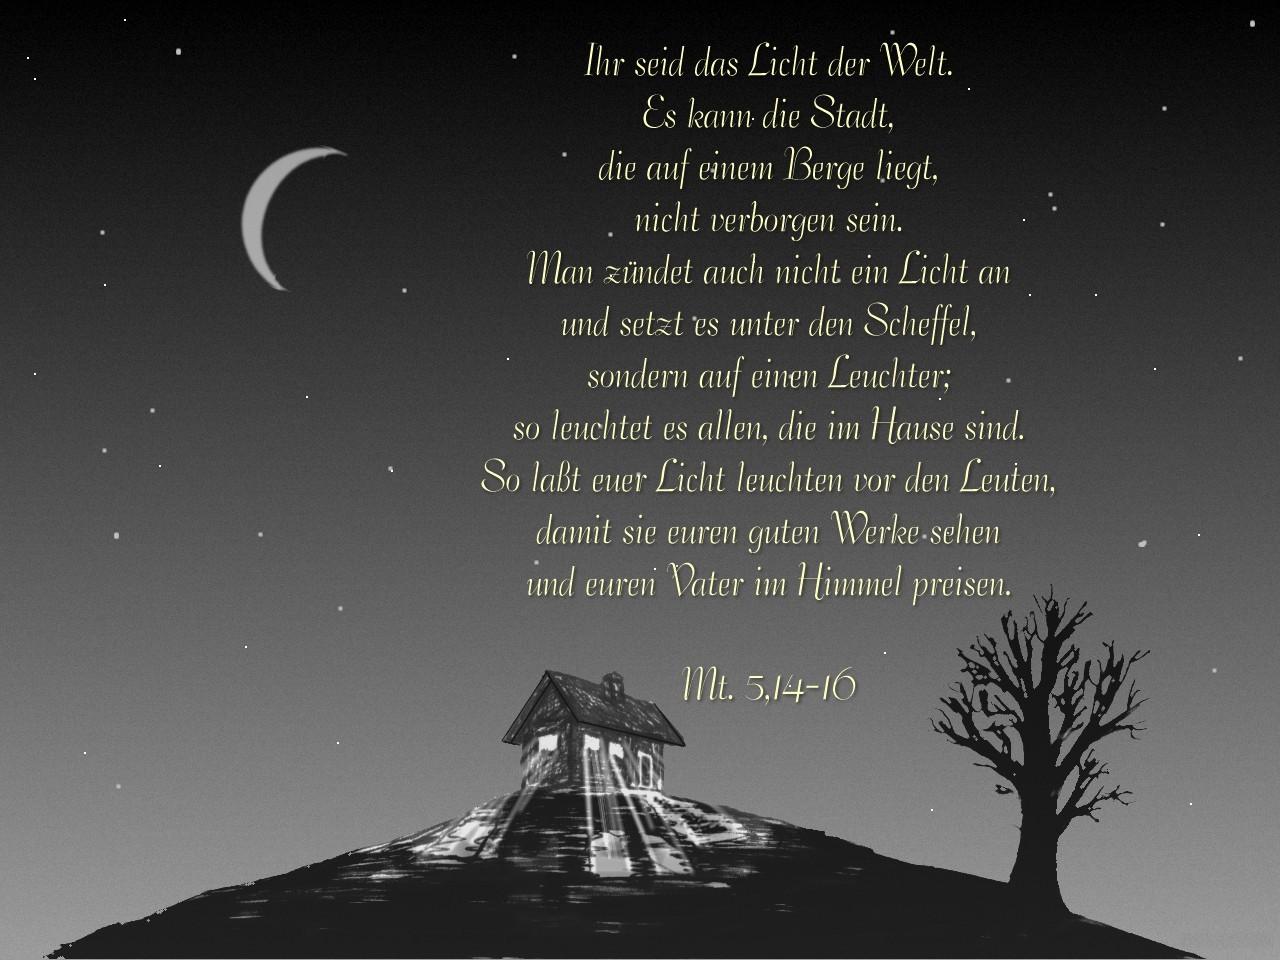 Licht der welt archive lgvgh ein blog von viktor janke - Christliche hintergrundbilder ...